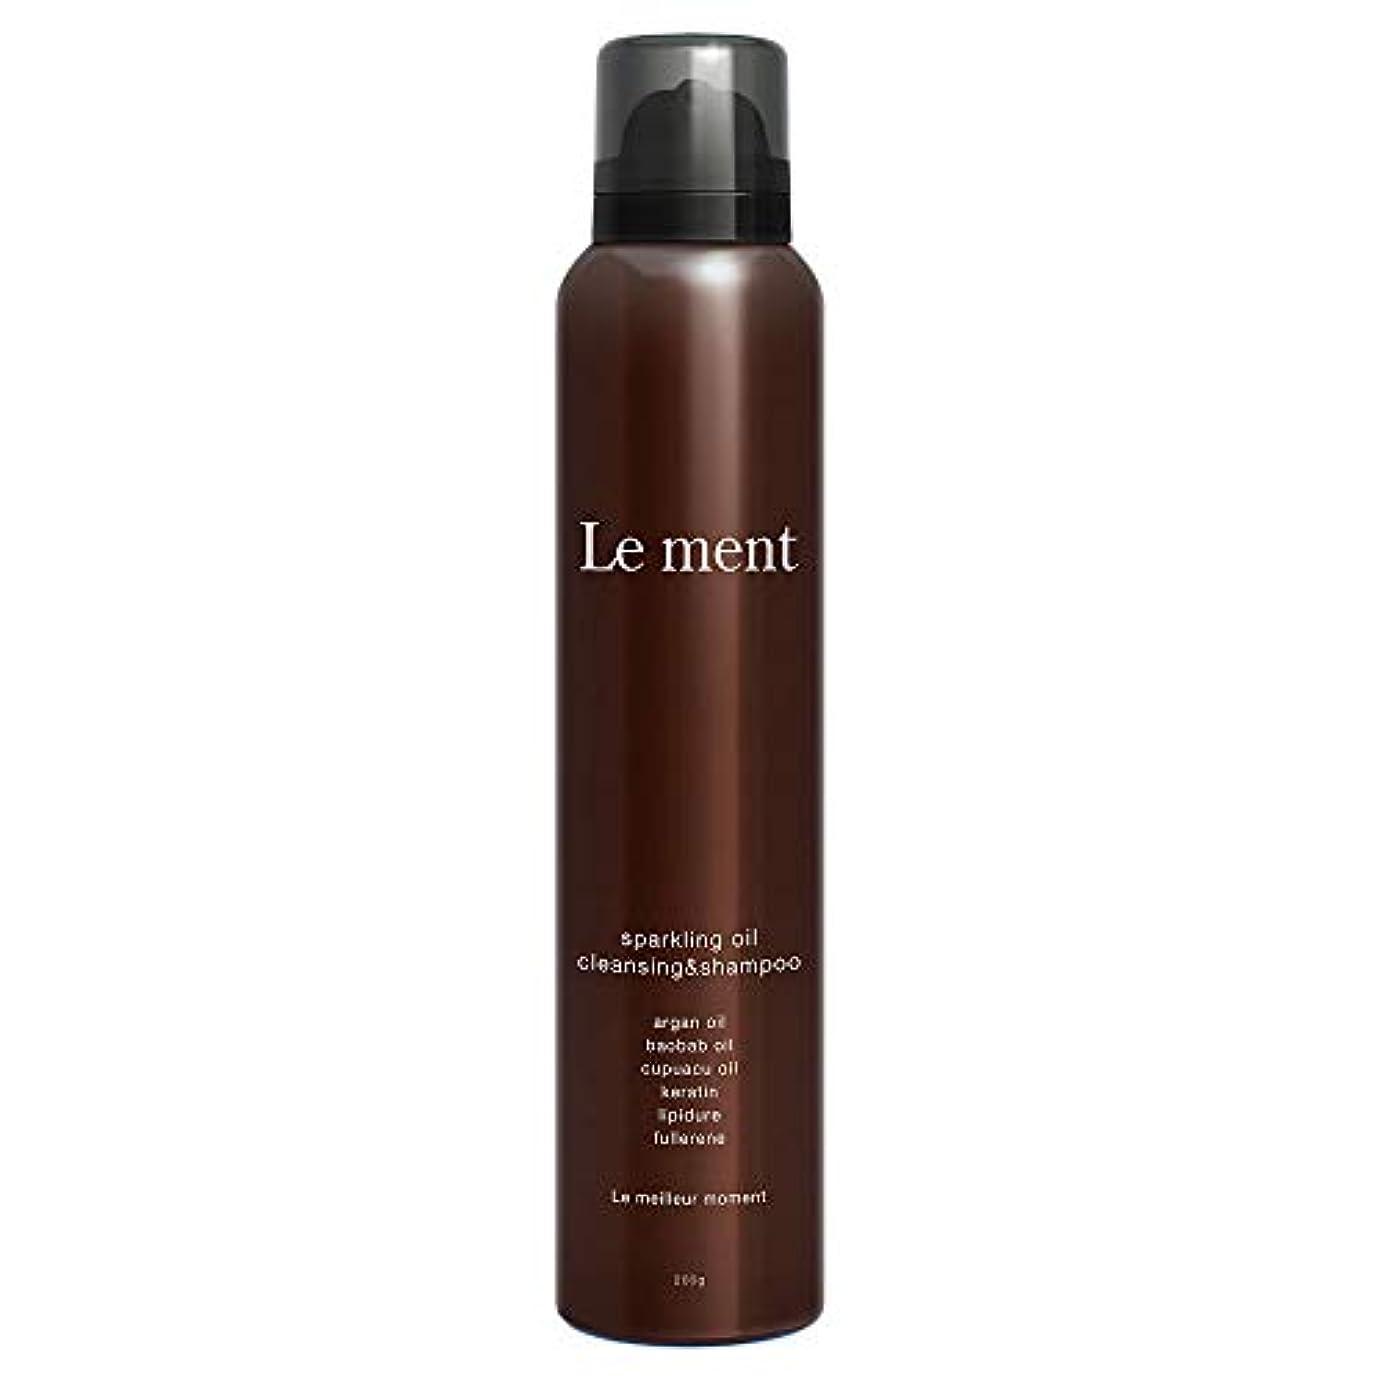 反響するキャンディーシリングLe ment -sparkling oil cleansing & shampoo -